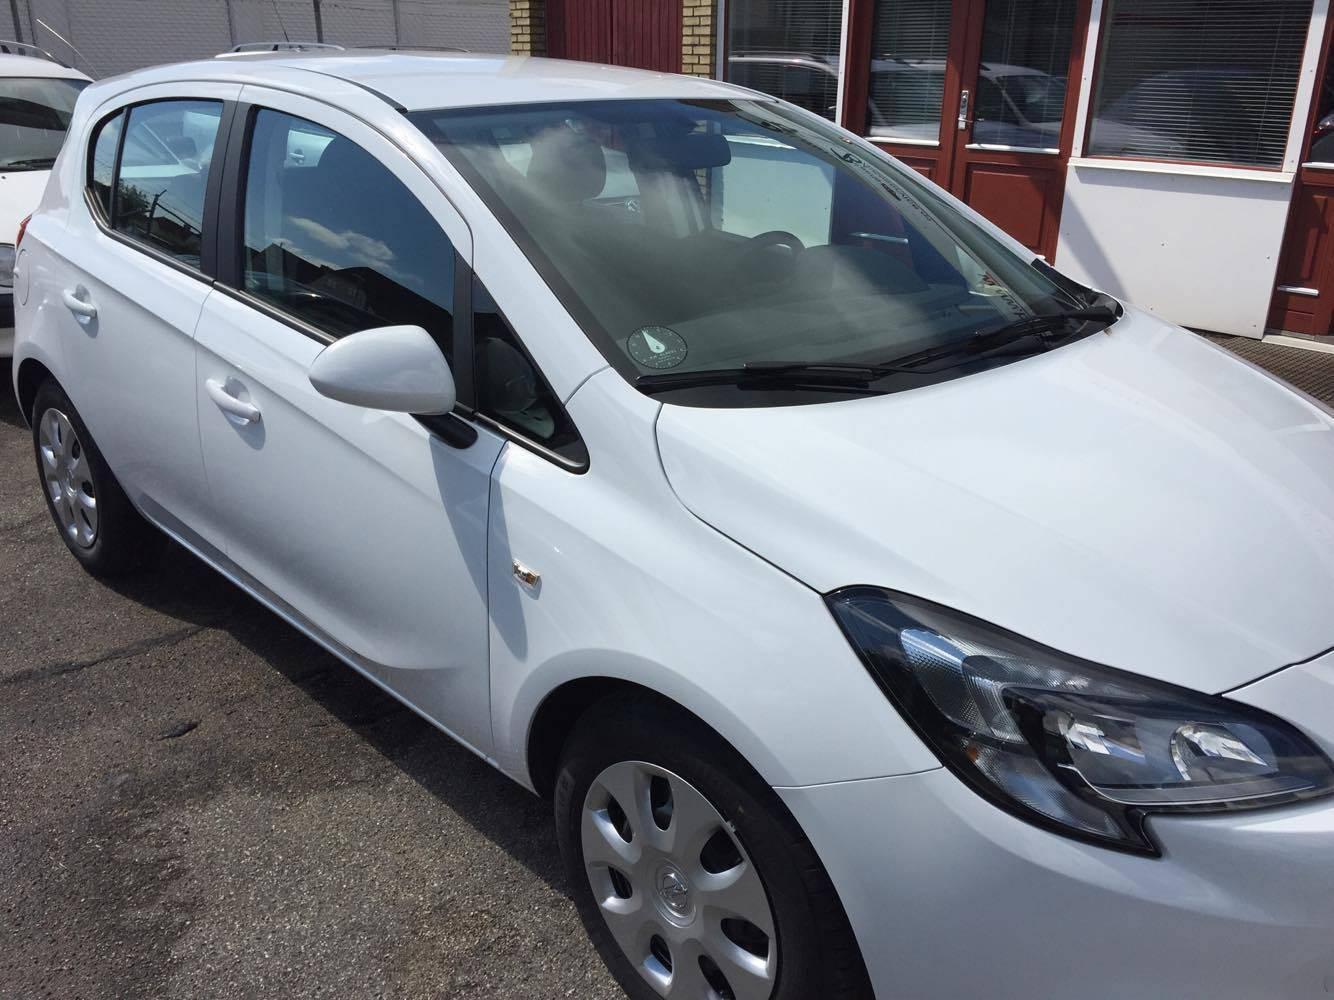 c7 - Opel Corsa 1,4 Enjoy 5d